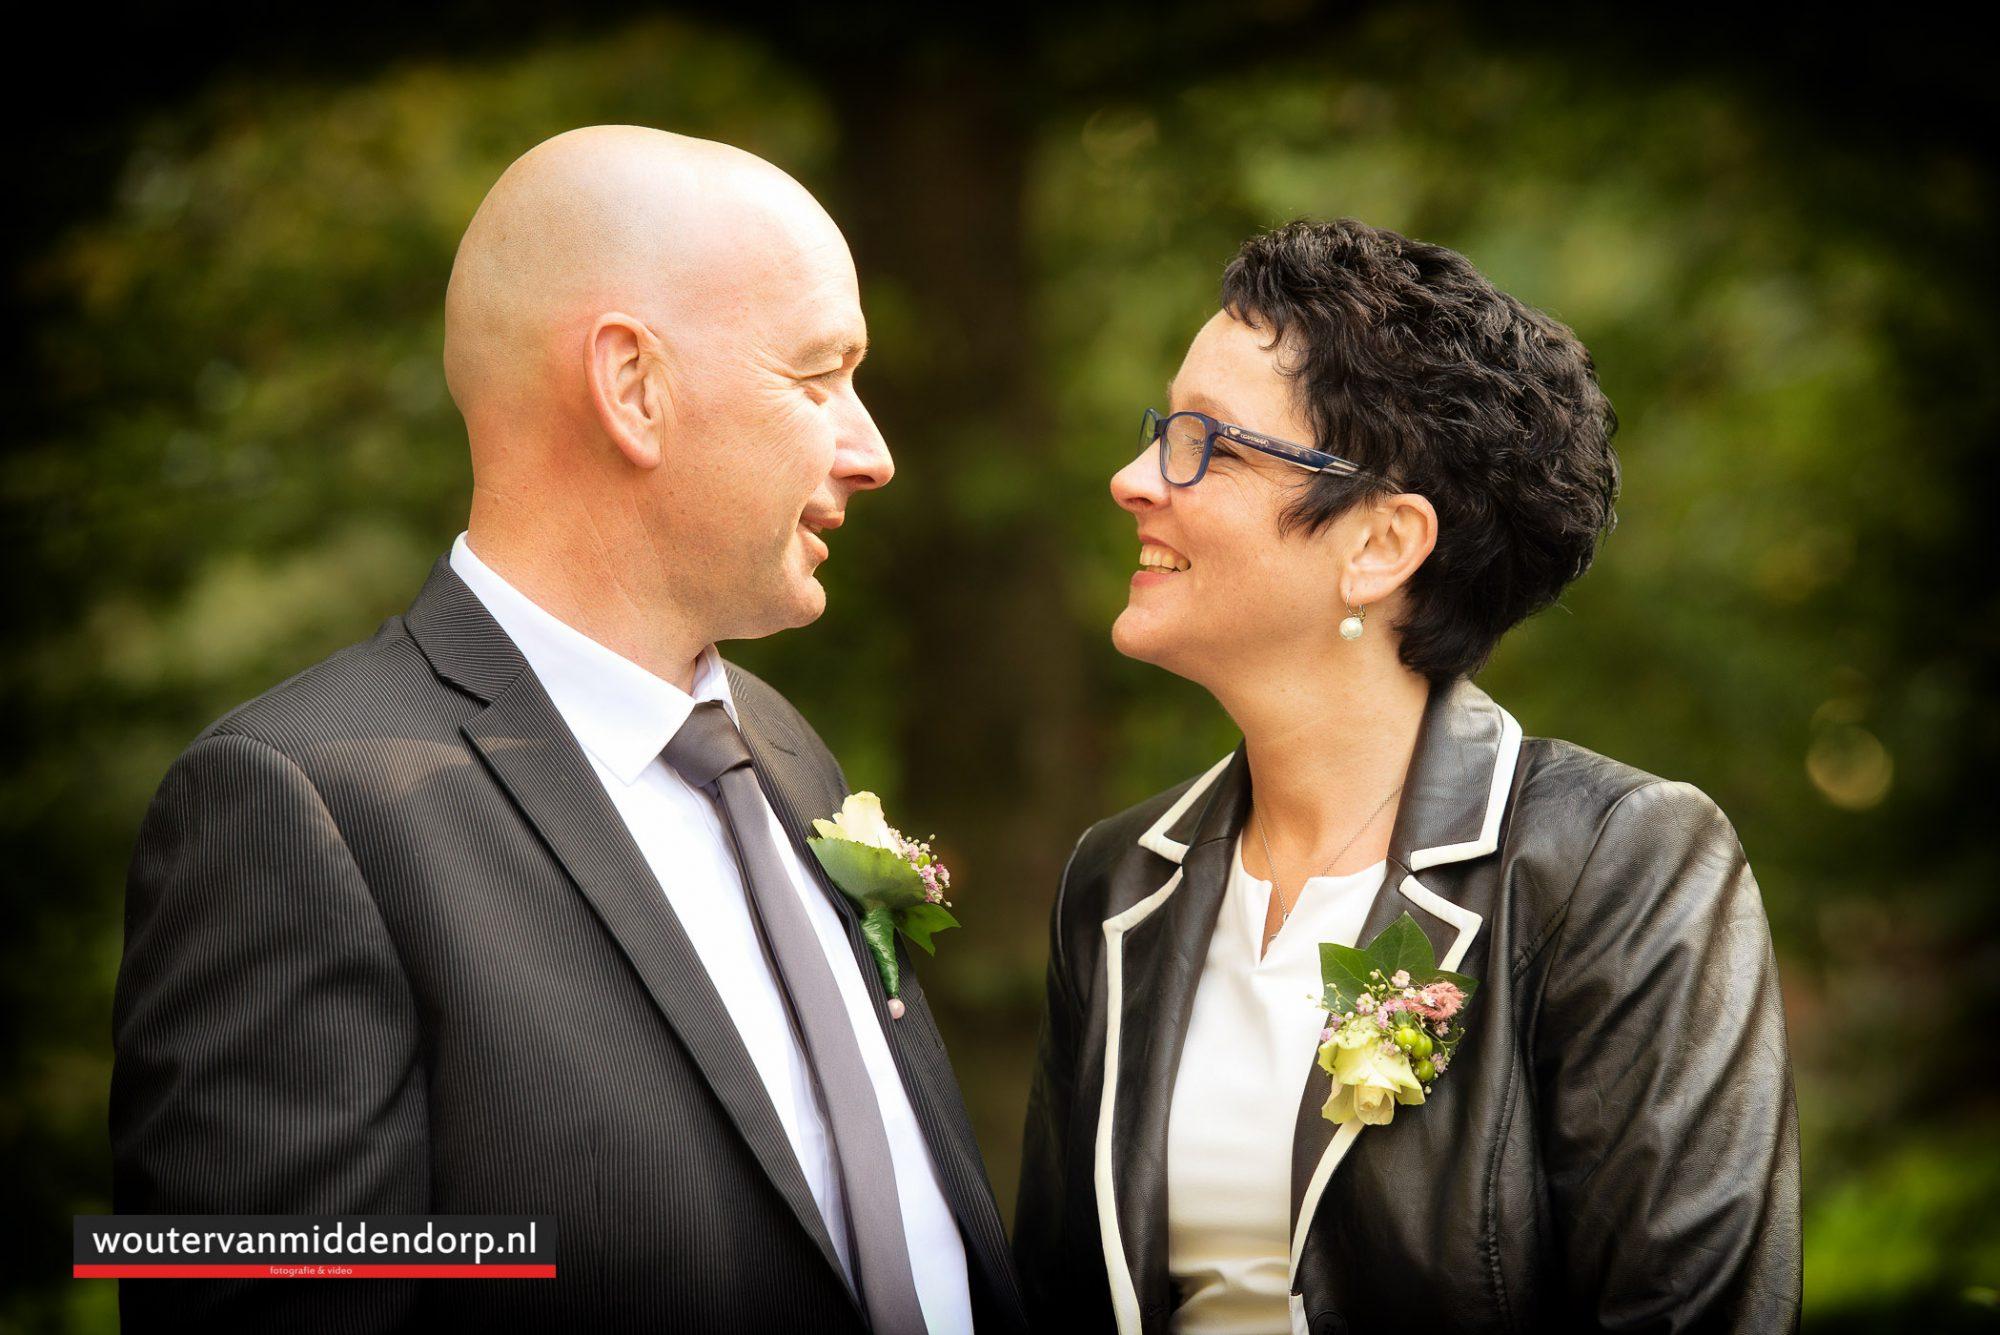 bruidsfotografie-wouter-van-middendorp-uddel-22